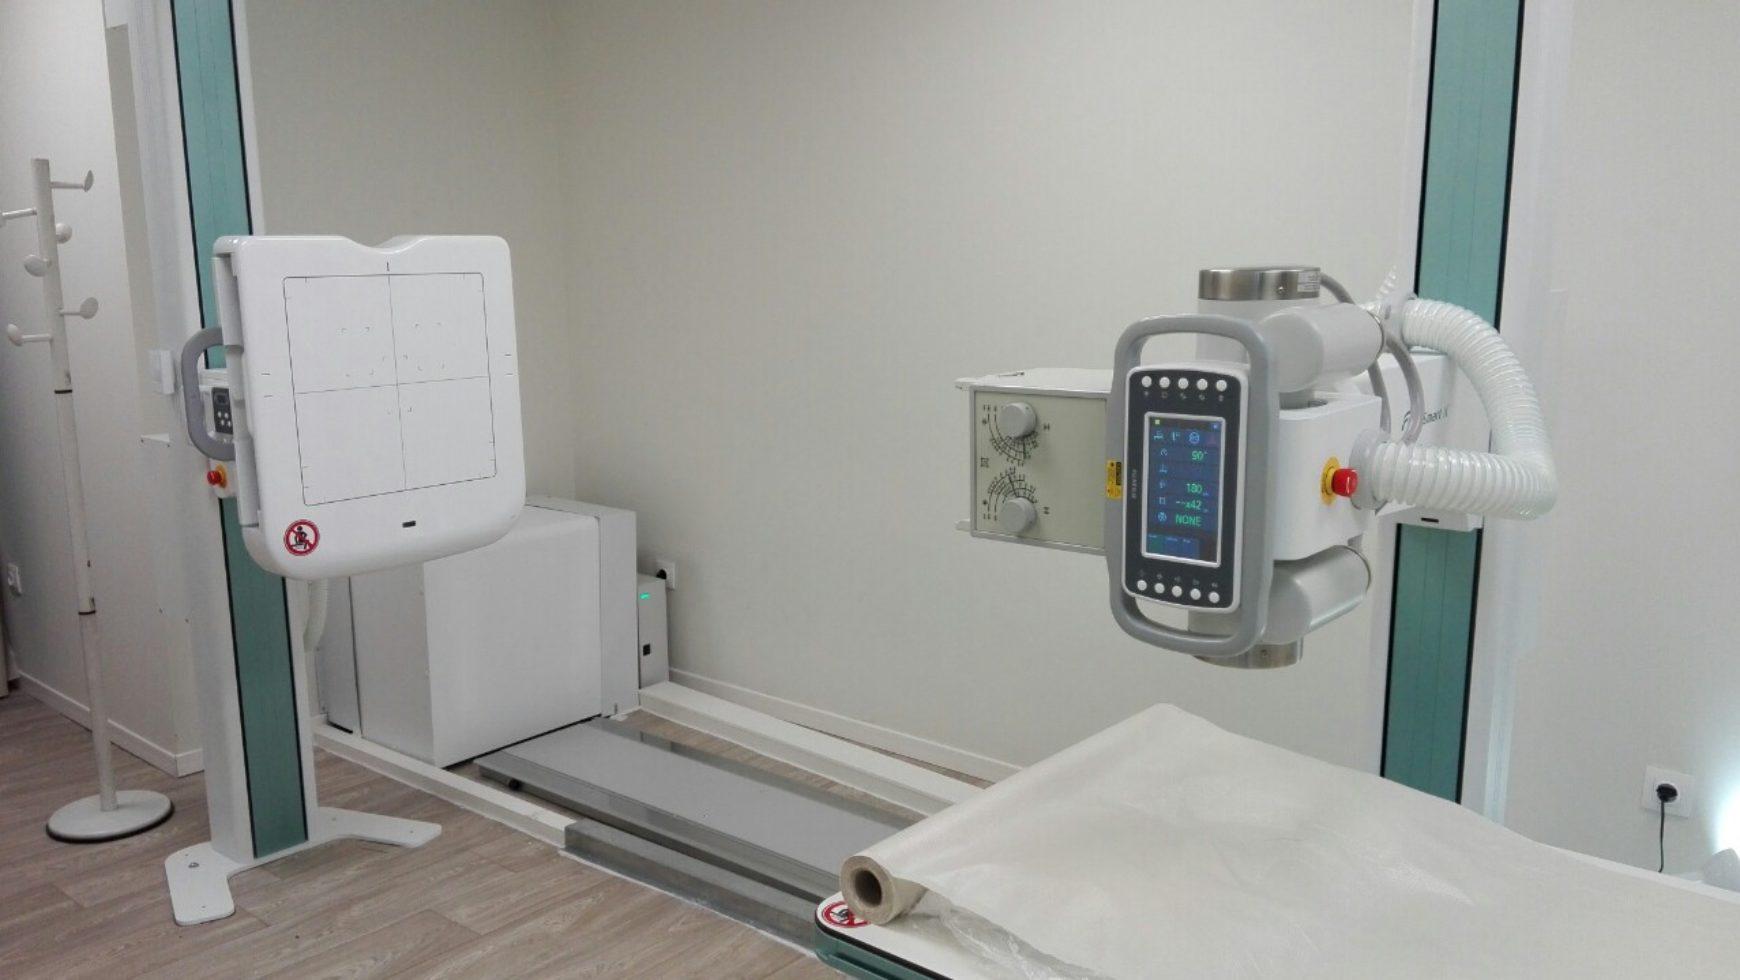 Αναβάθμιση Ακτινολογικών Εργαστηρίων Κέντρων Υγείας